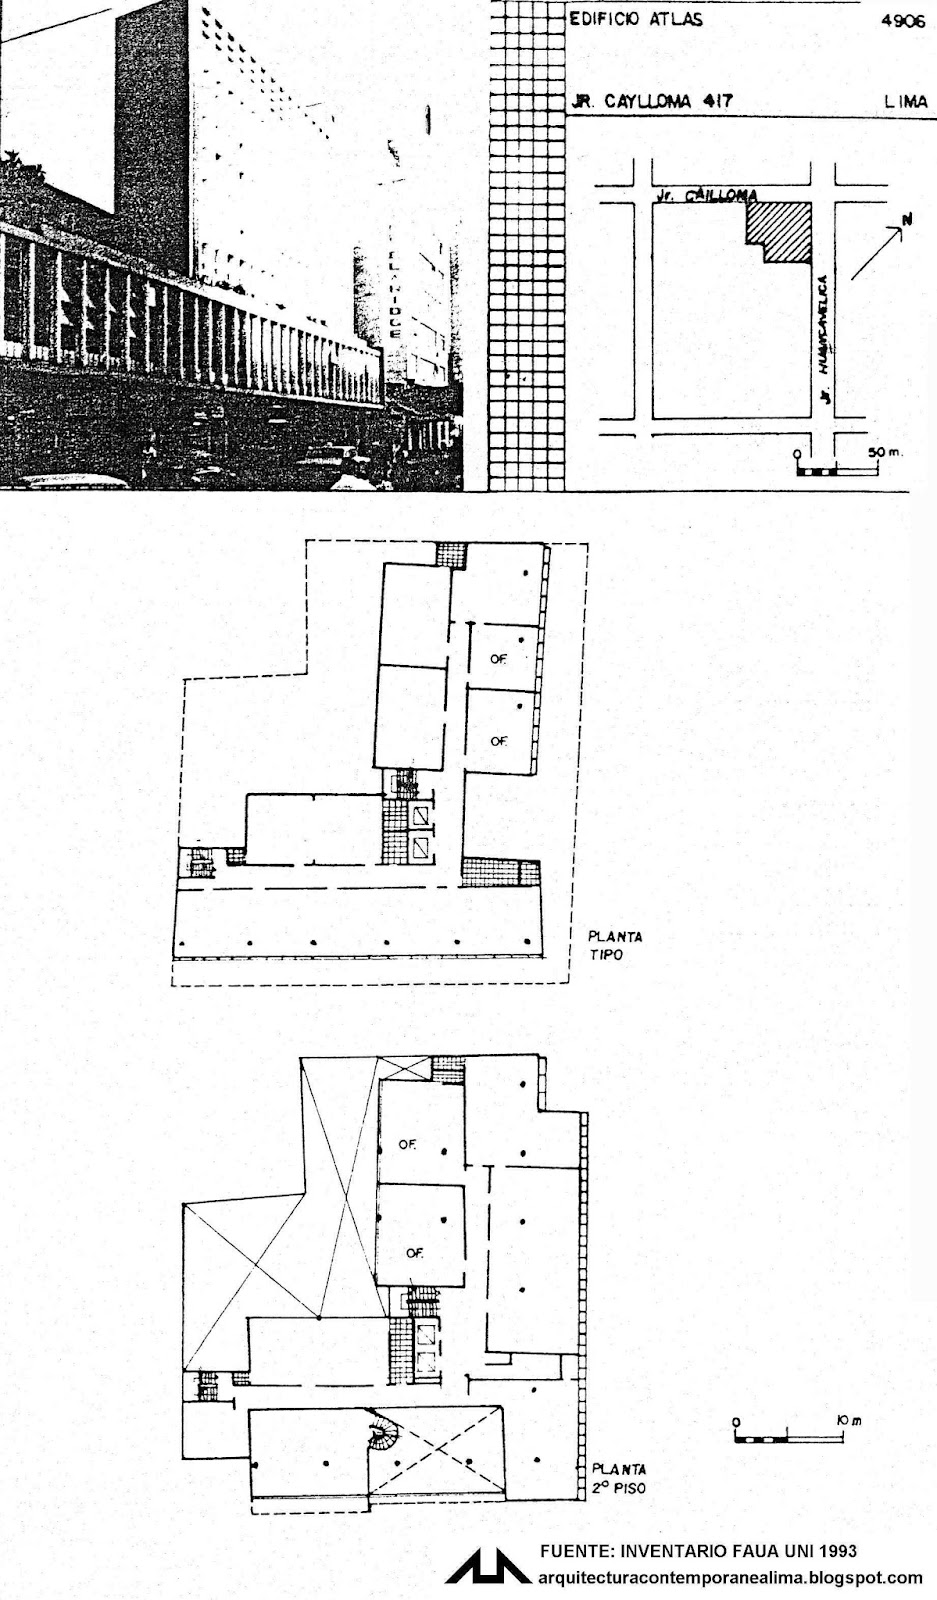 Arquitectura contemporanea de lima 4906 edificio atlas for Ministerio de pesqueria